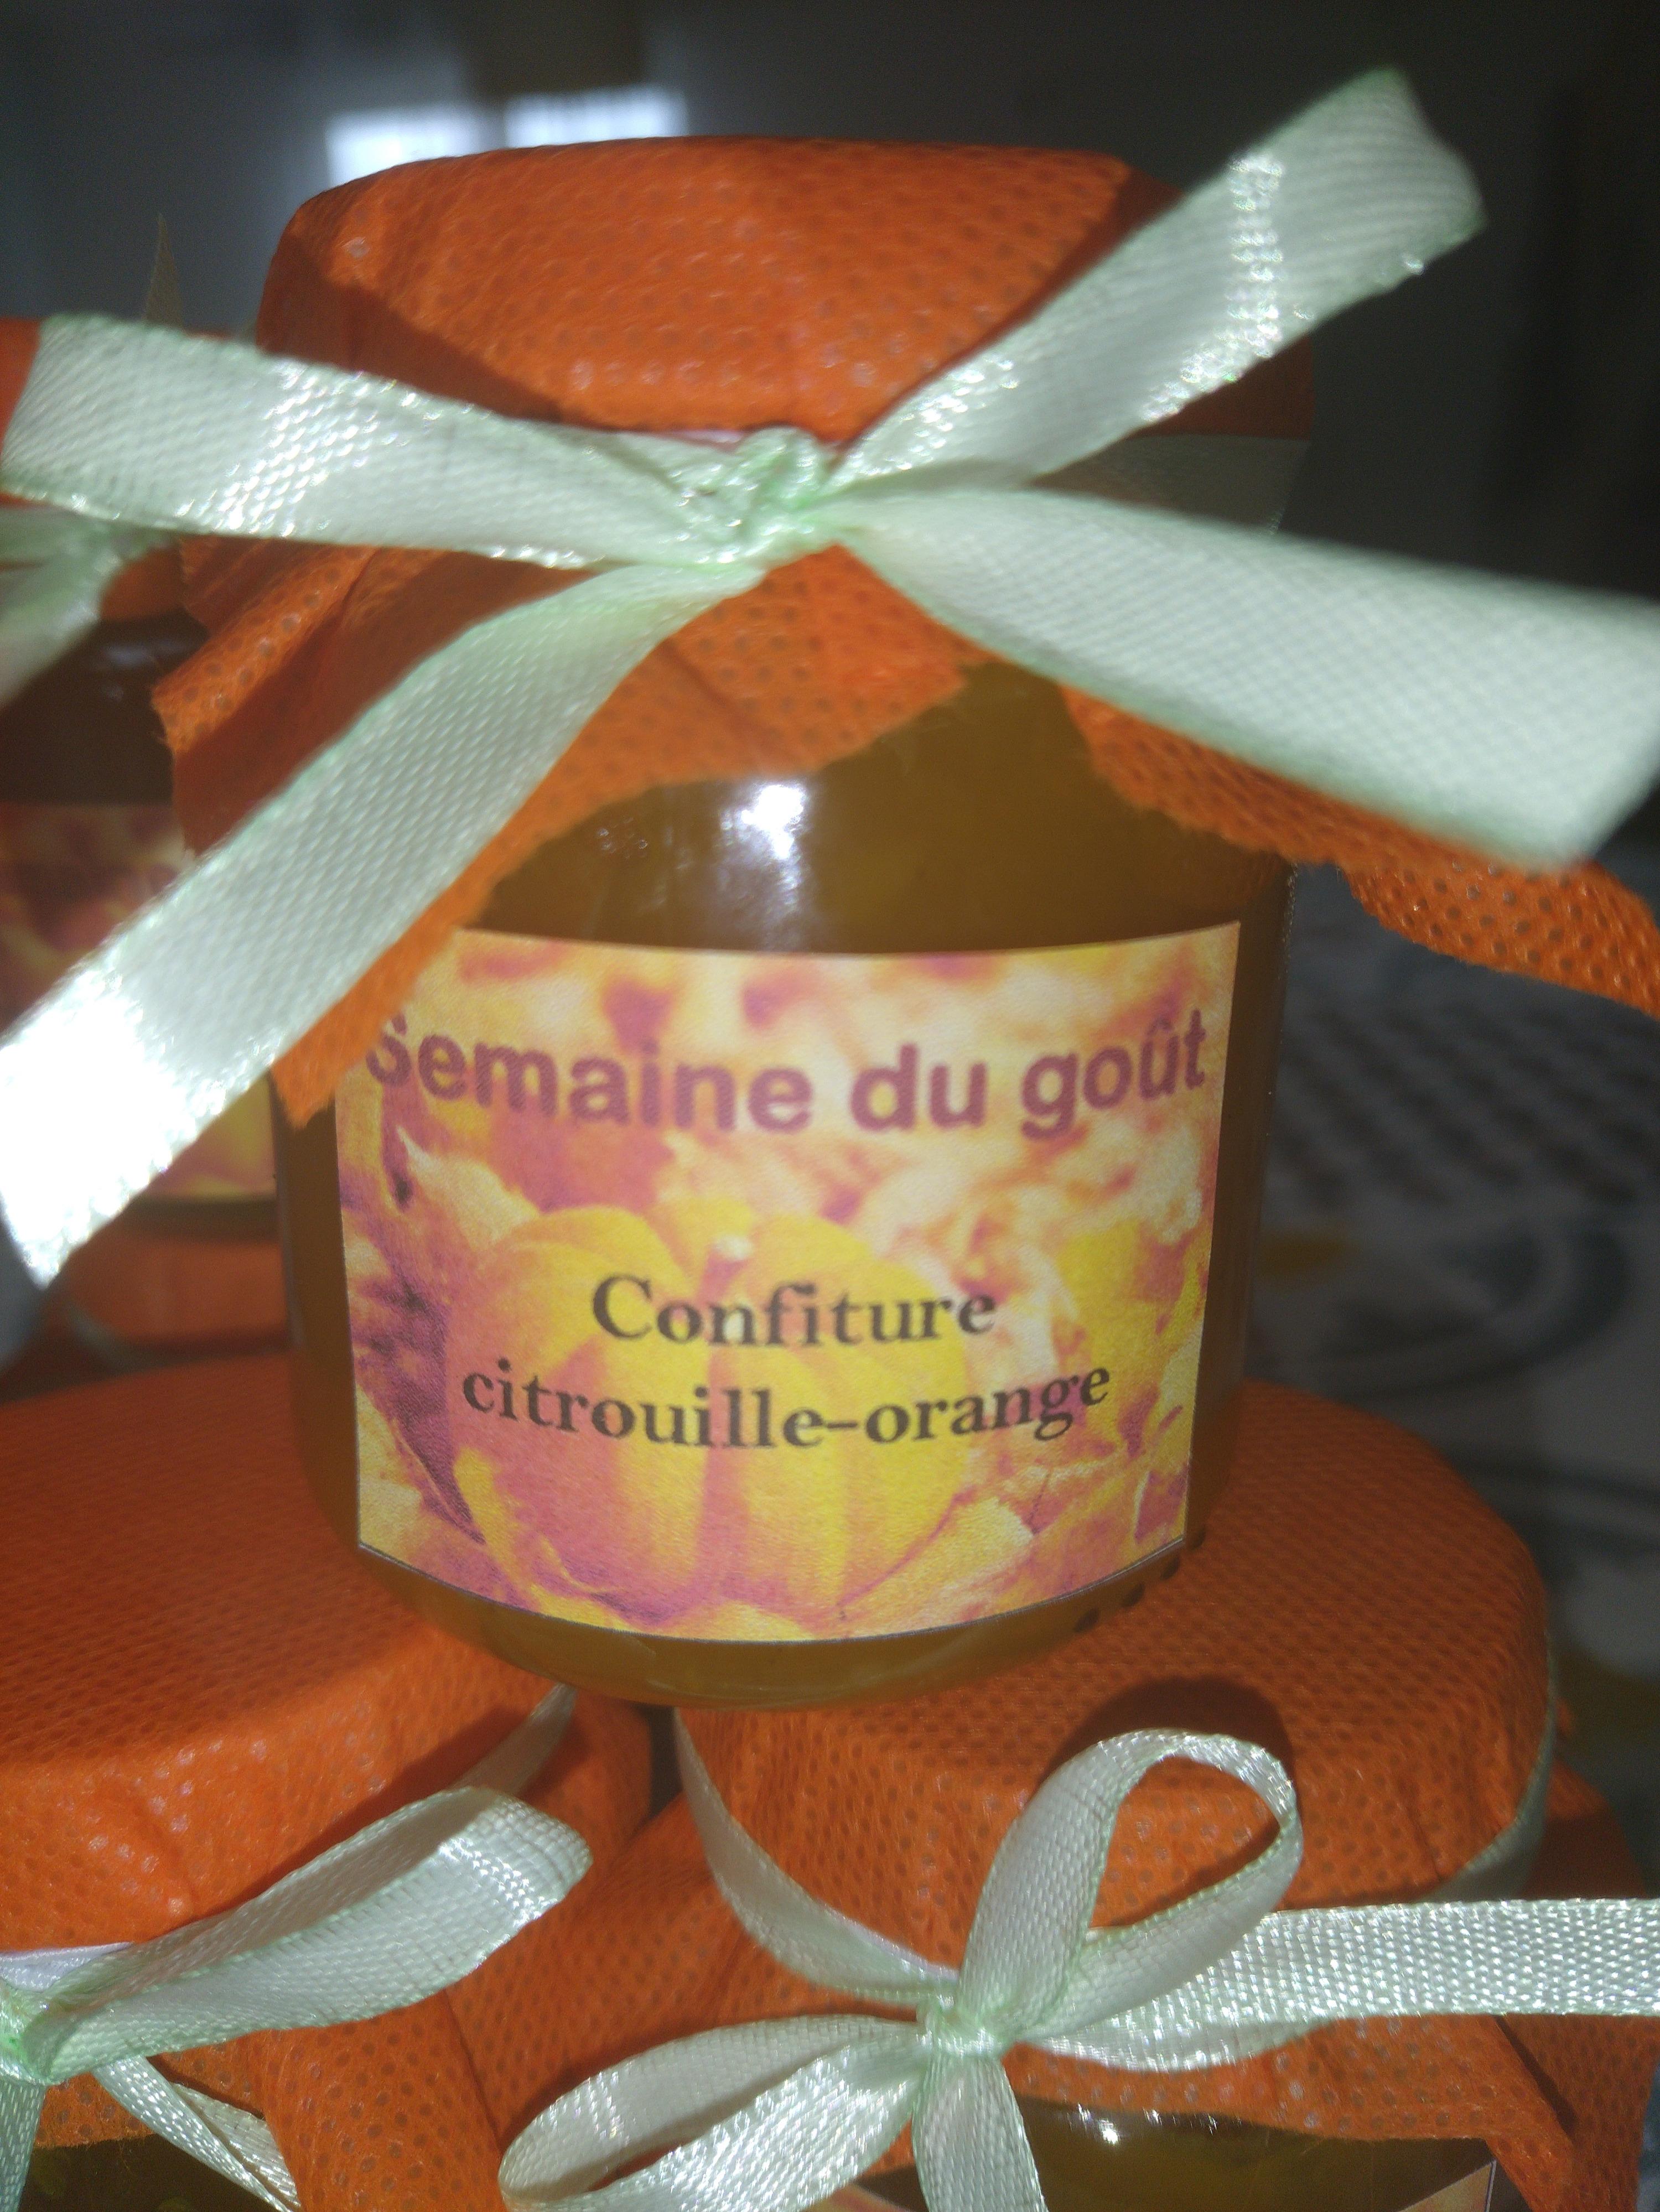 Confiture Citrouille-Orange